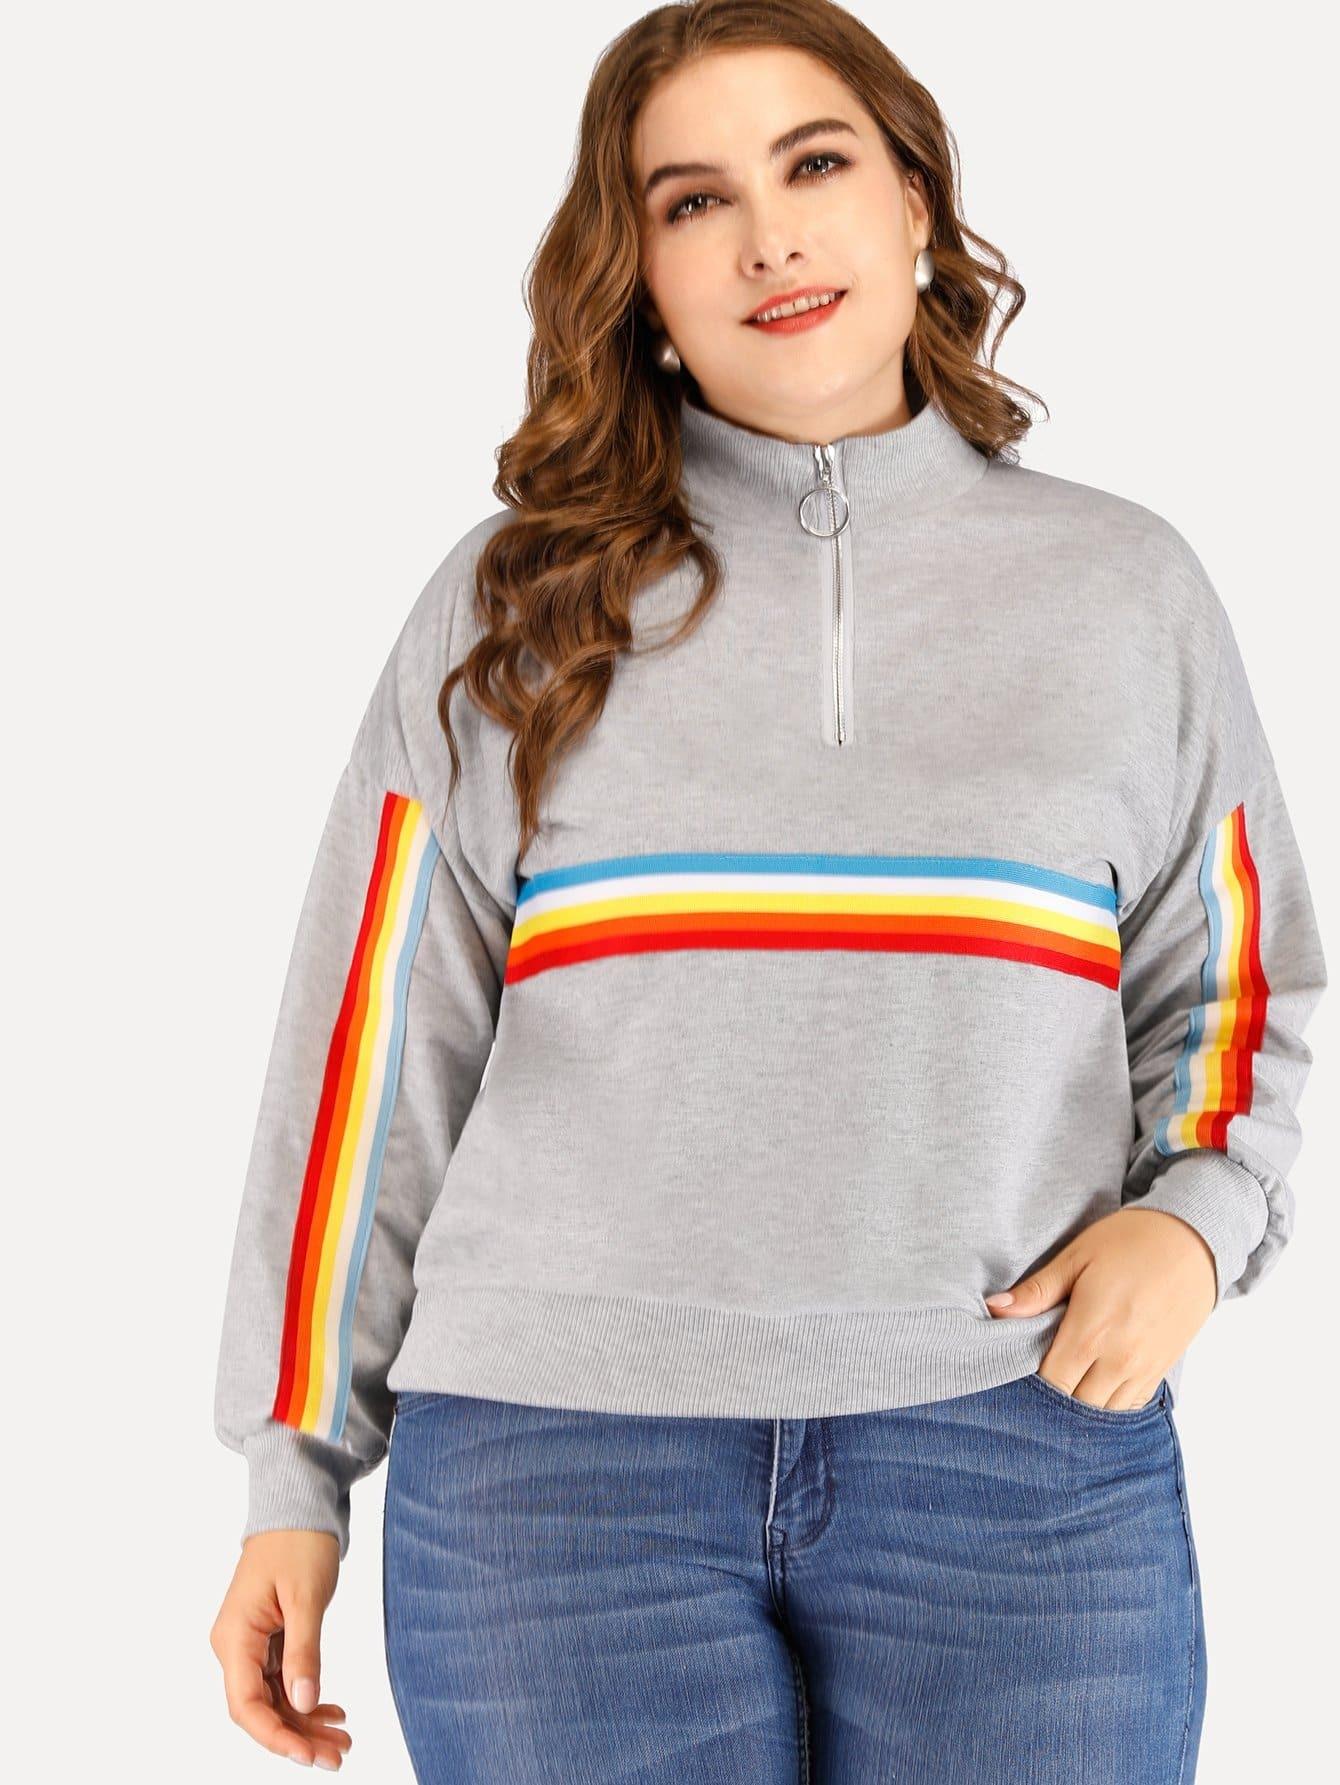 Купить Большой полосатый свитшот с застёжкой молния и стоячим воротником, Franziska, SheIn